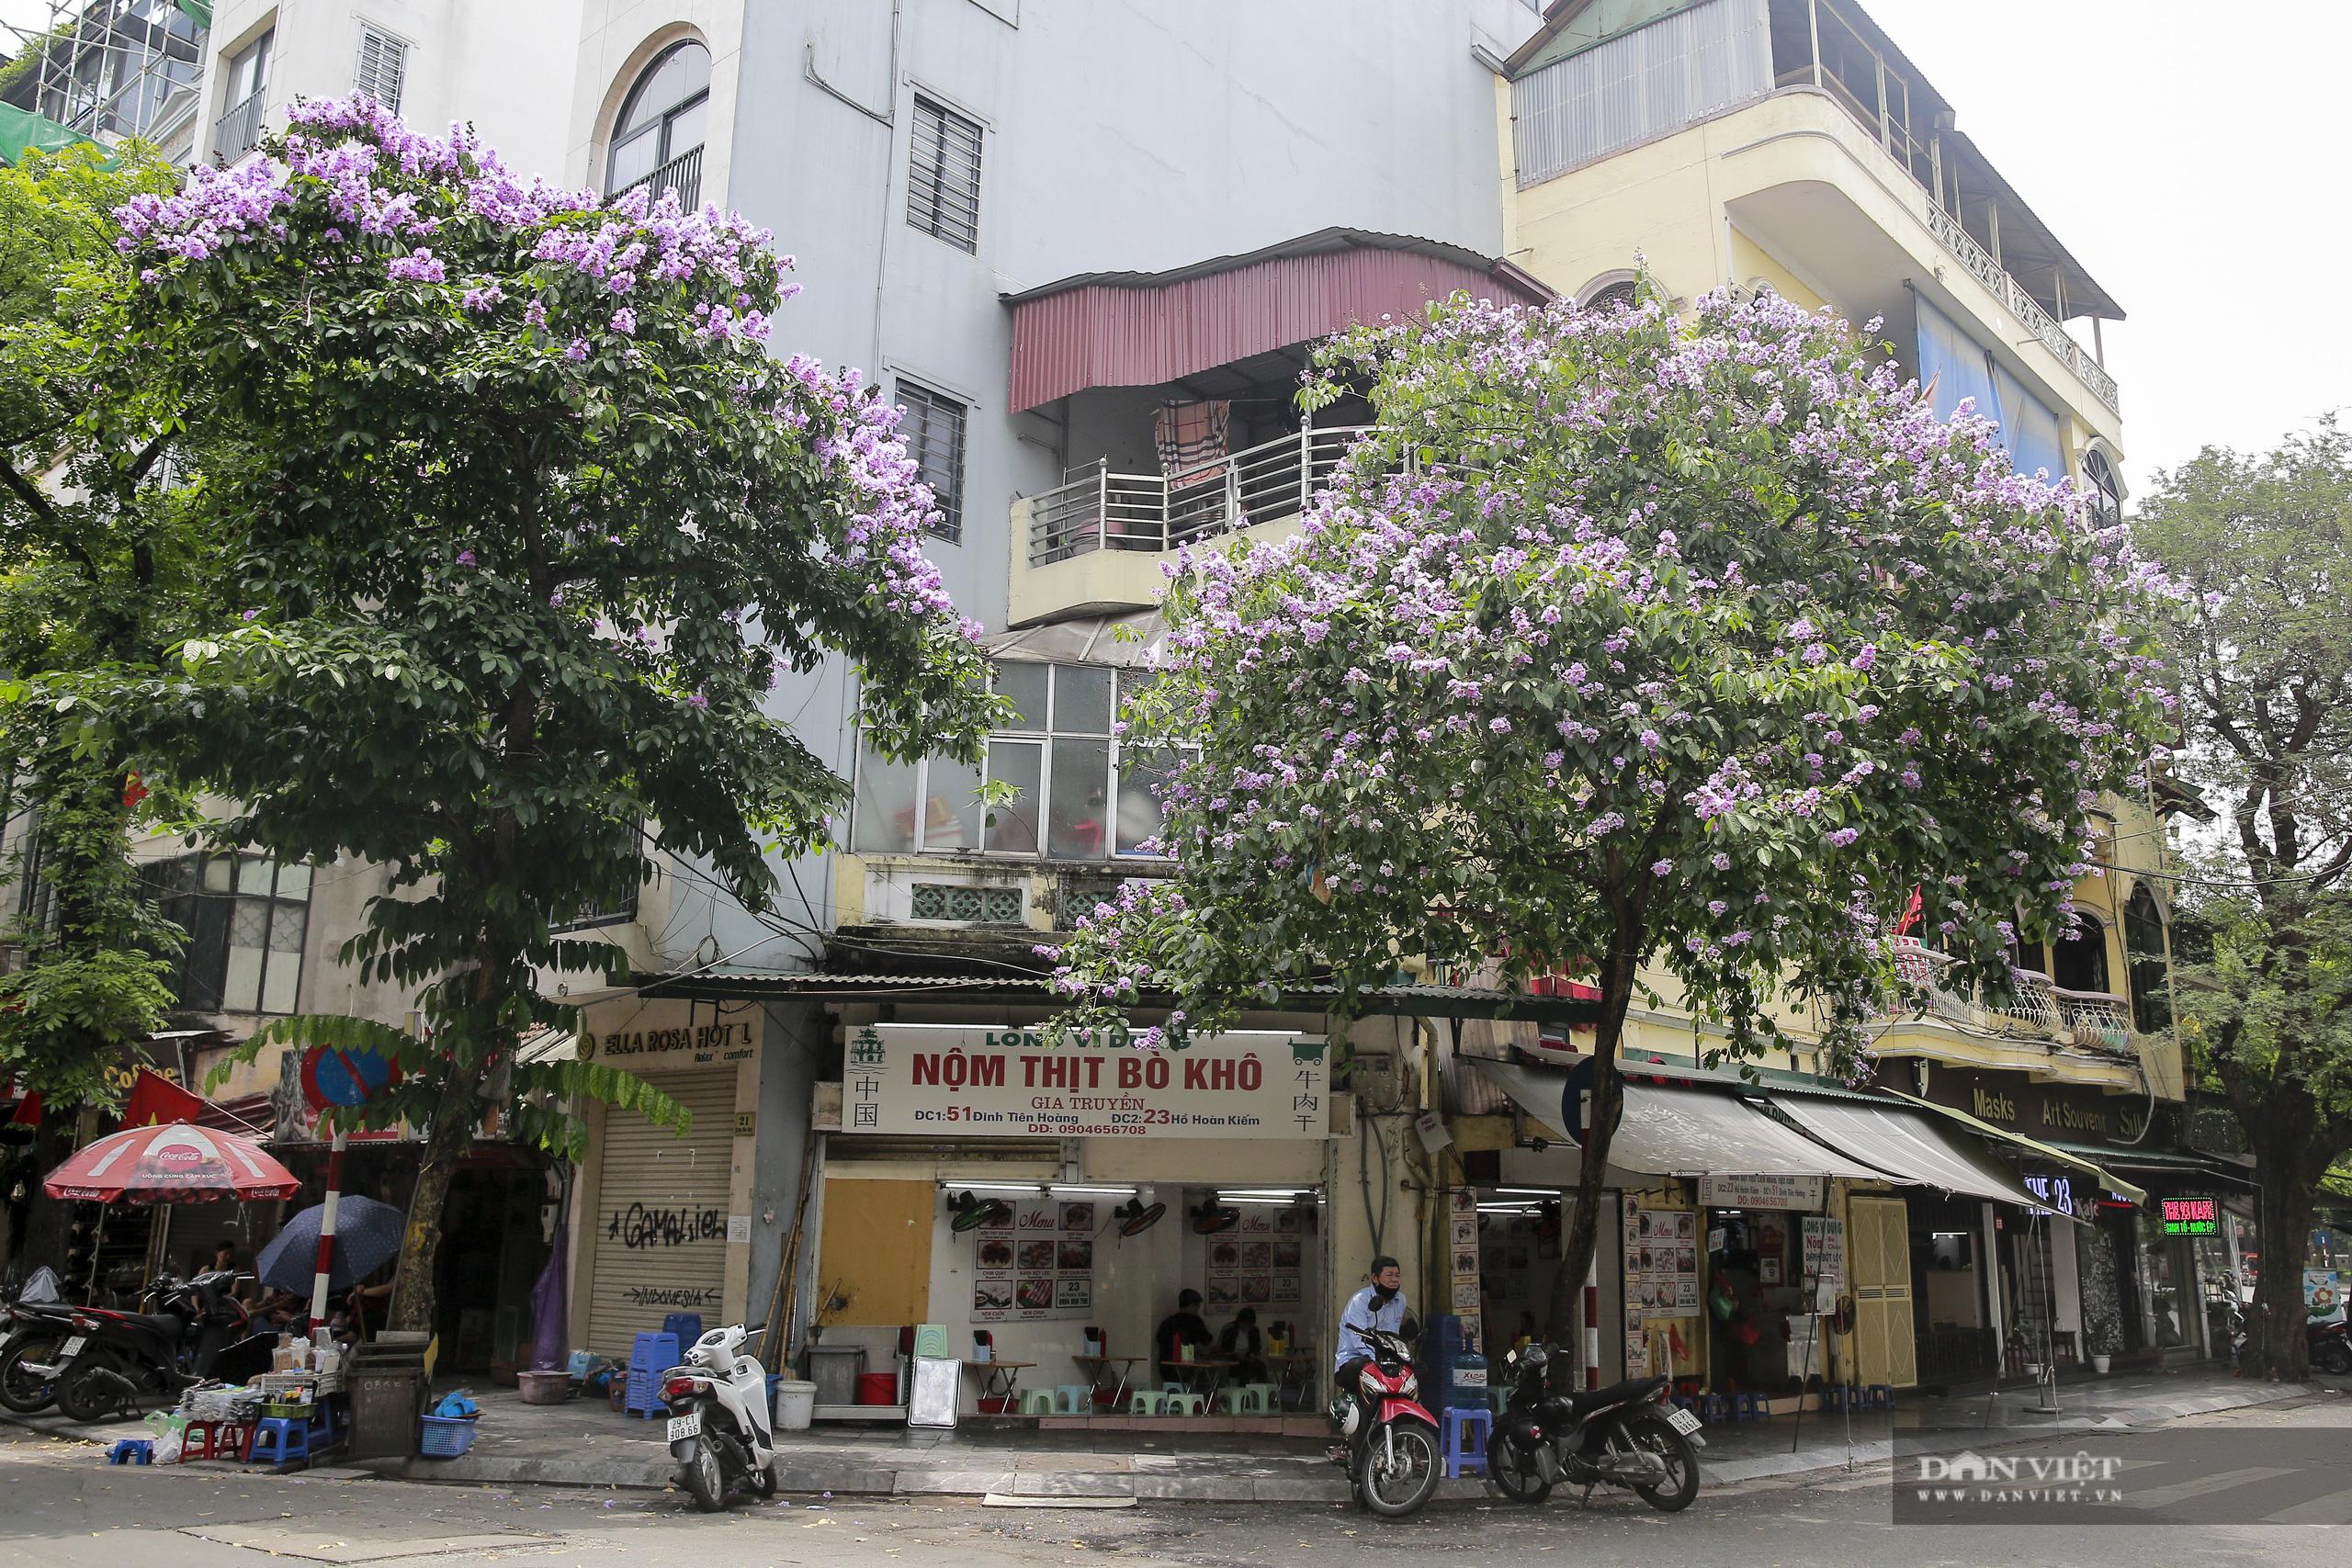 Hoa bằng lăng: loài hoa biểu tượng của sự thủy chung nở rộ khắp đường phố Hà Nội - Ảnh 11.